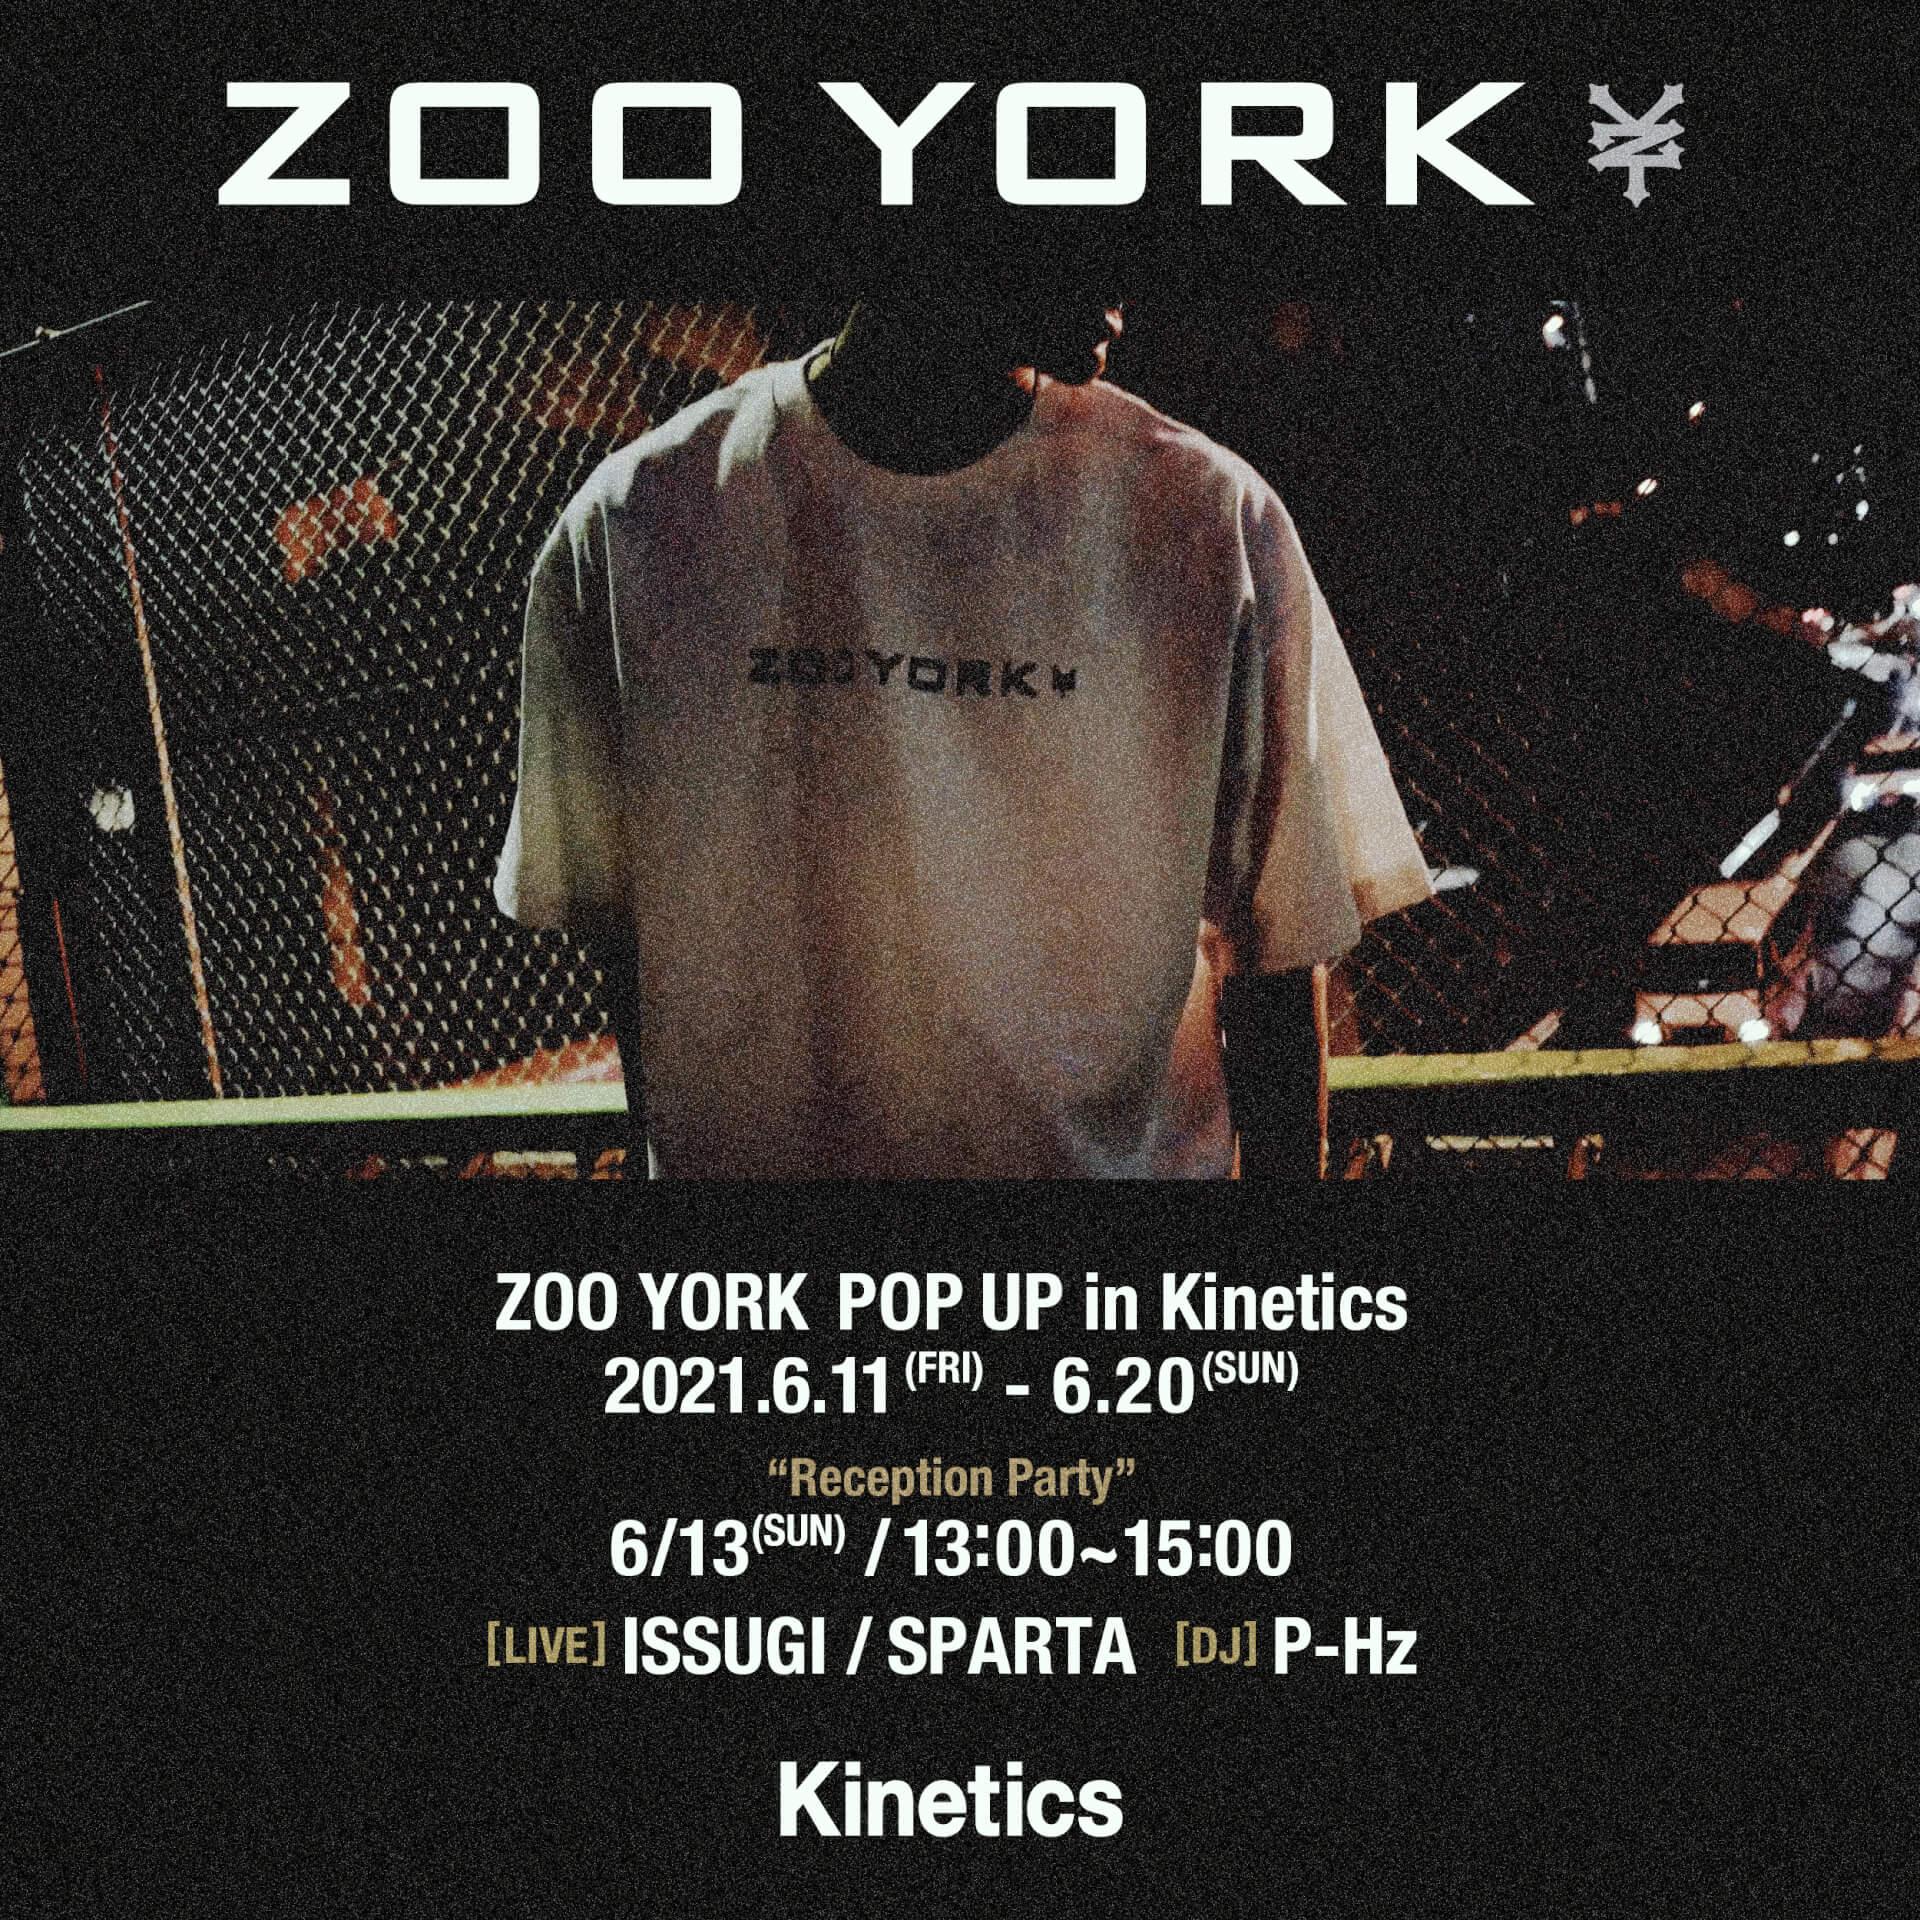 """ZOO YORKの再始動記念!ISSUGI、SANTAWORLDVIEW、SPARTAによる""""POSSIBLE""""のMVがプレミア公開決定&ポップアップイベントも ZOOYORK_KINETICS"""